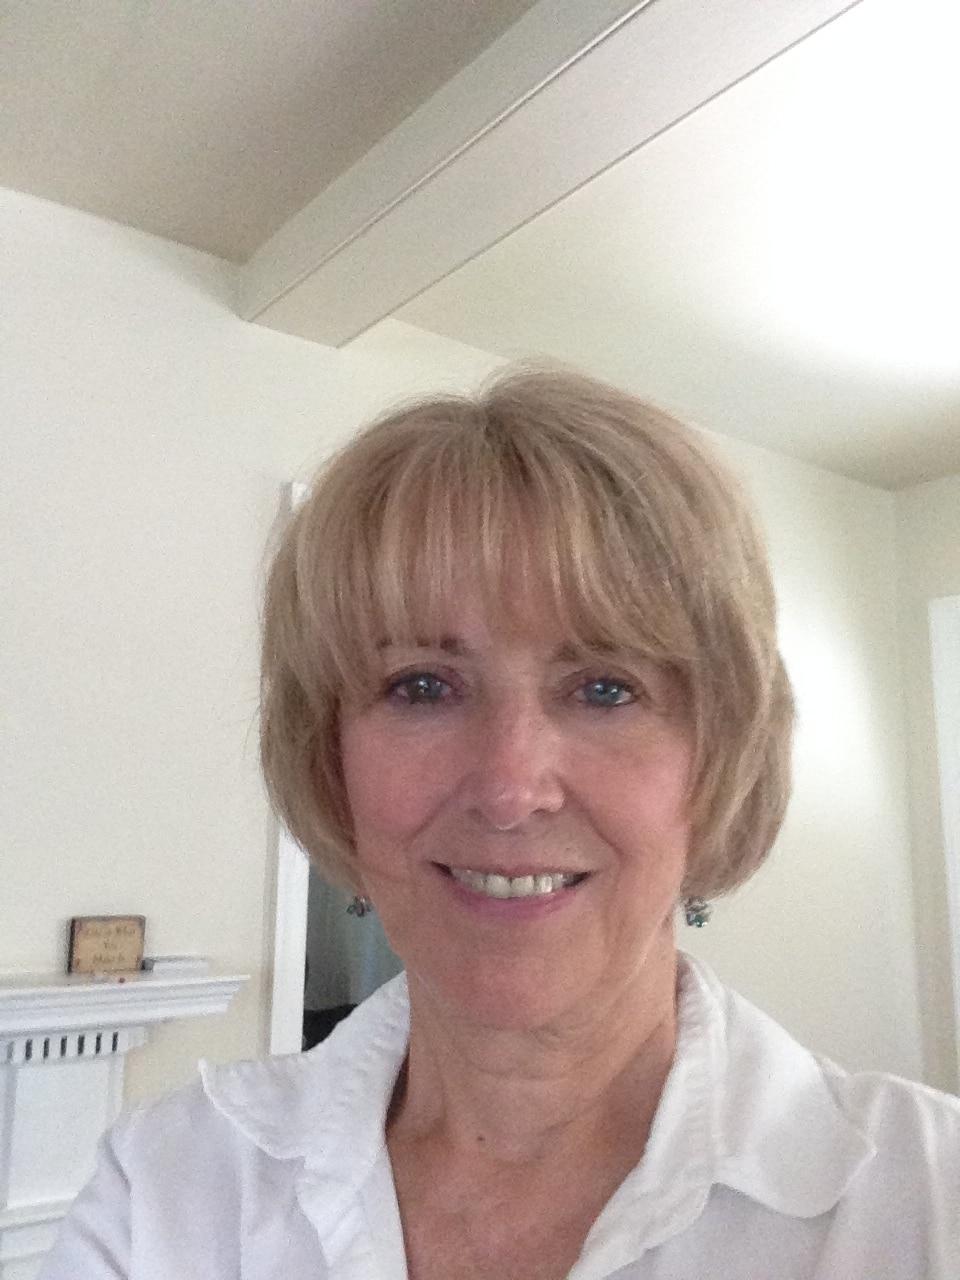 Cynthia From Stanardsville, VA